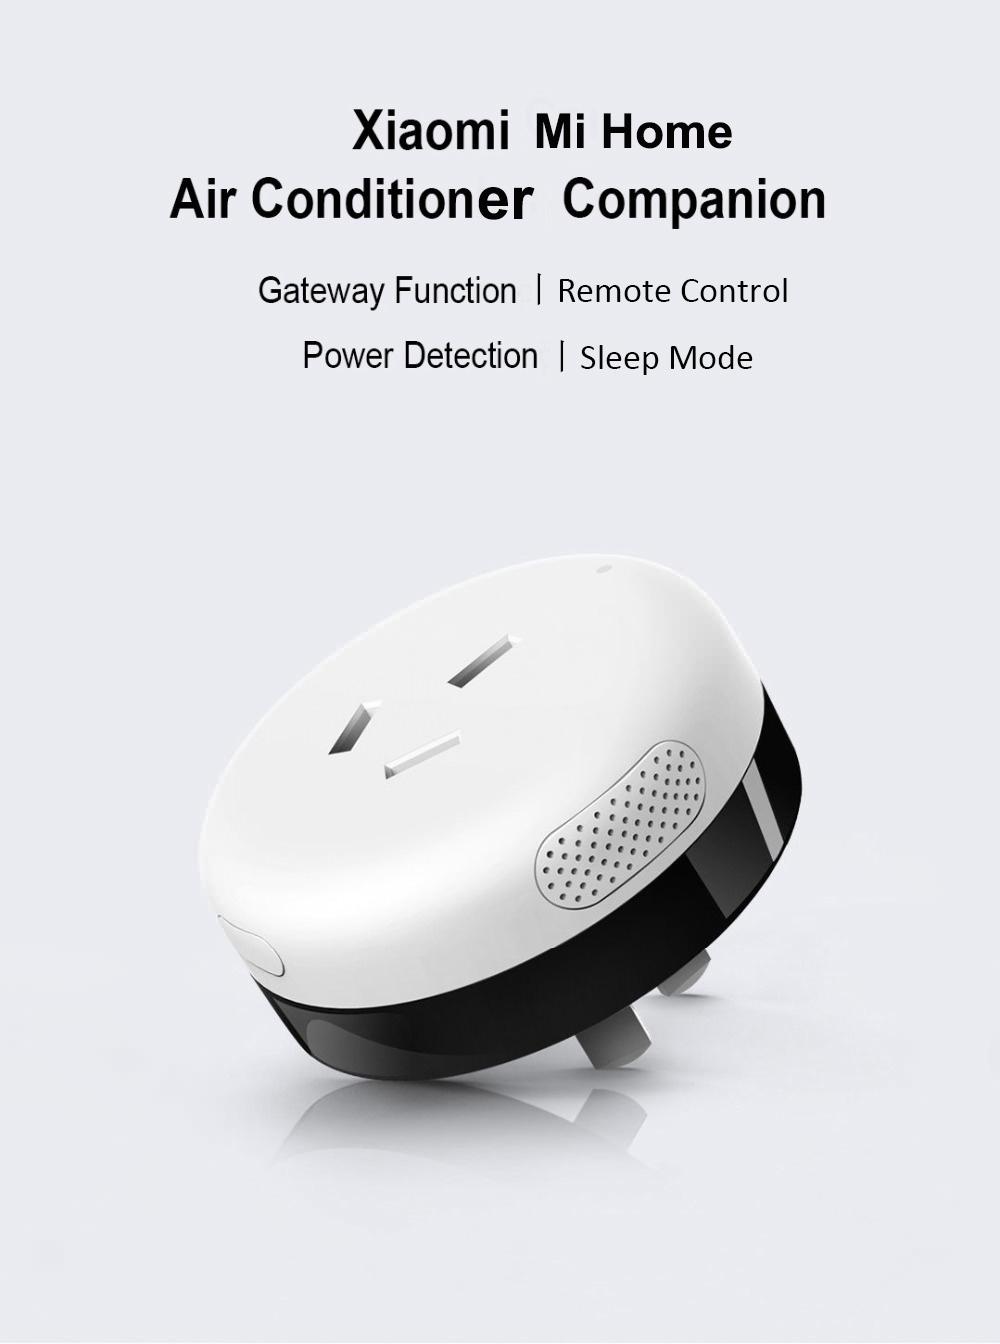 xiaomi mi home air conditioner companion online